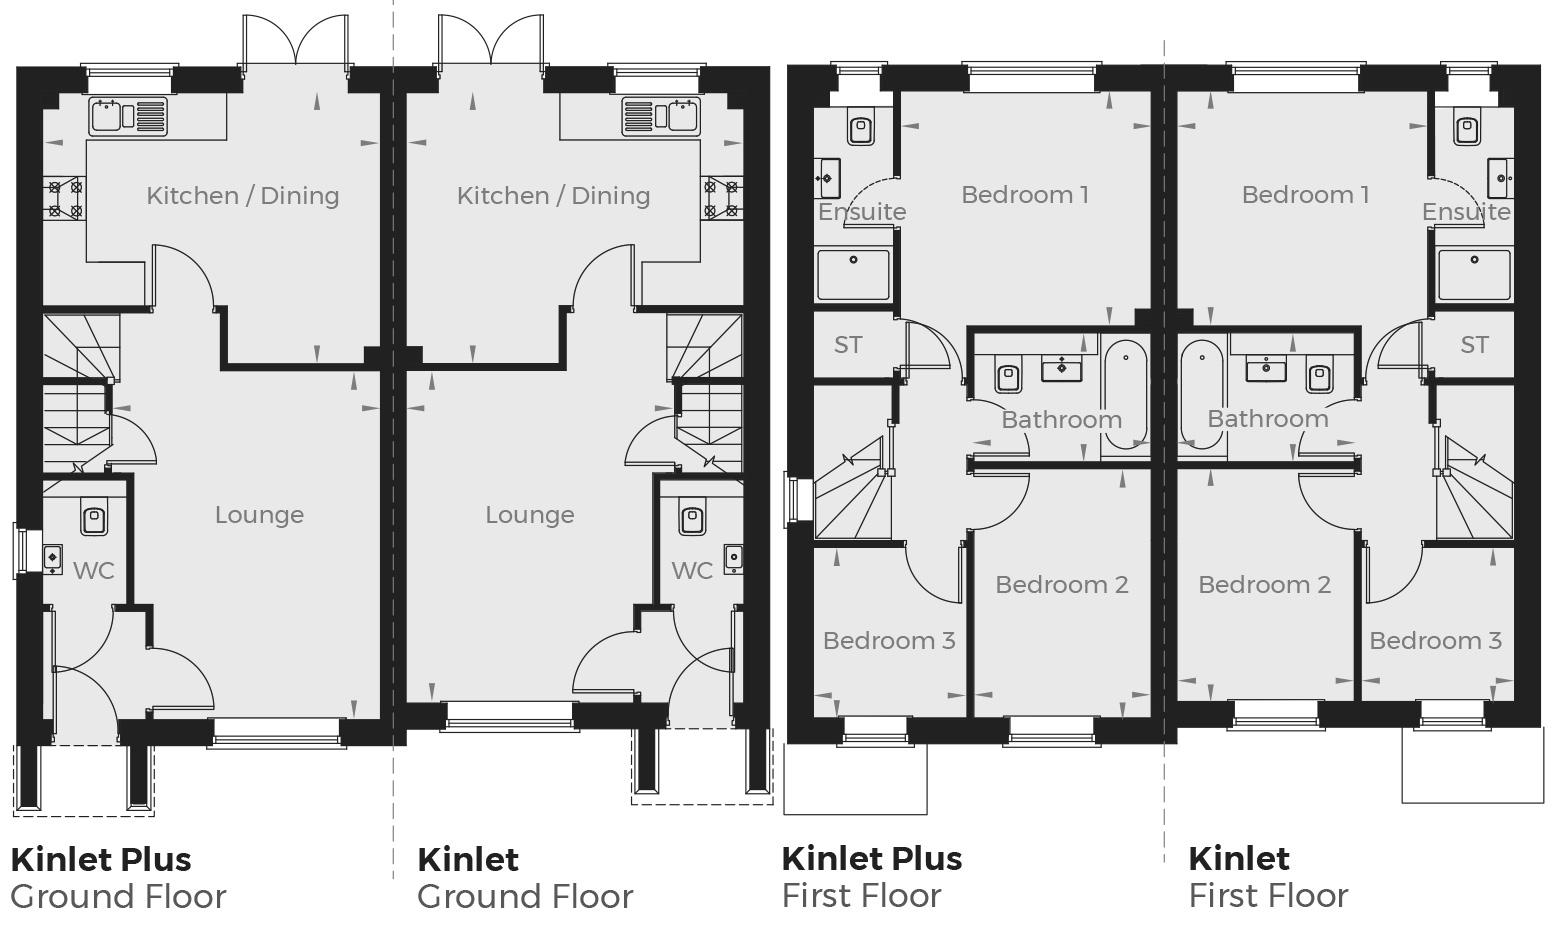 The-Kinlet-Floor-Plan.jpg